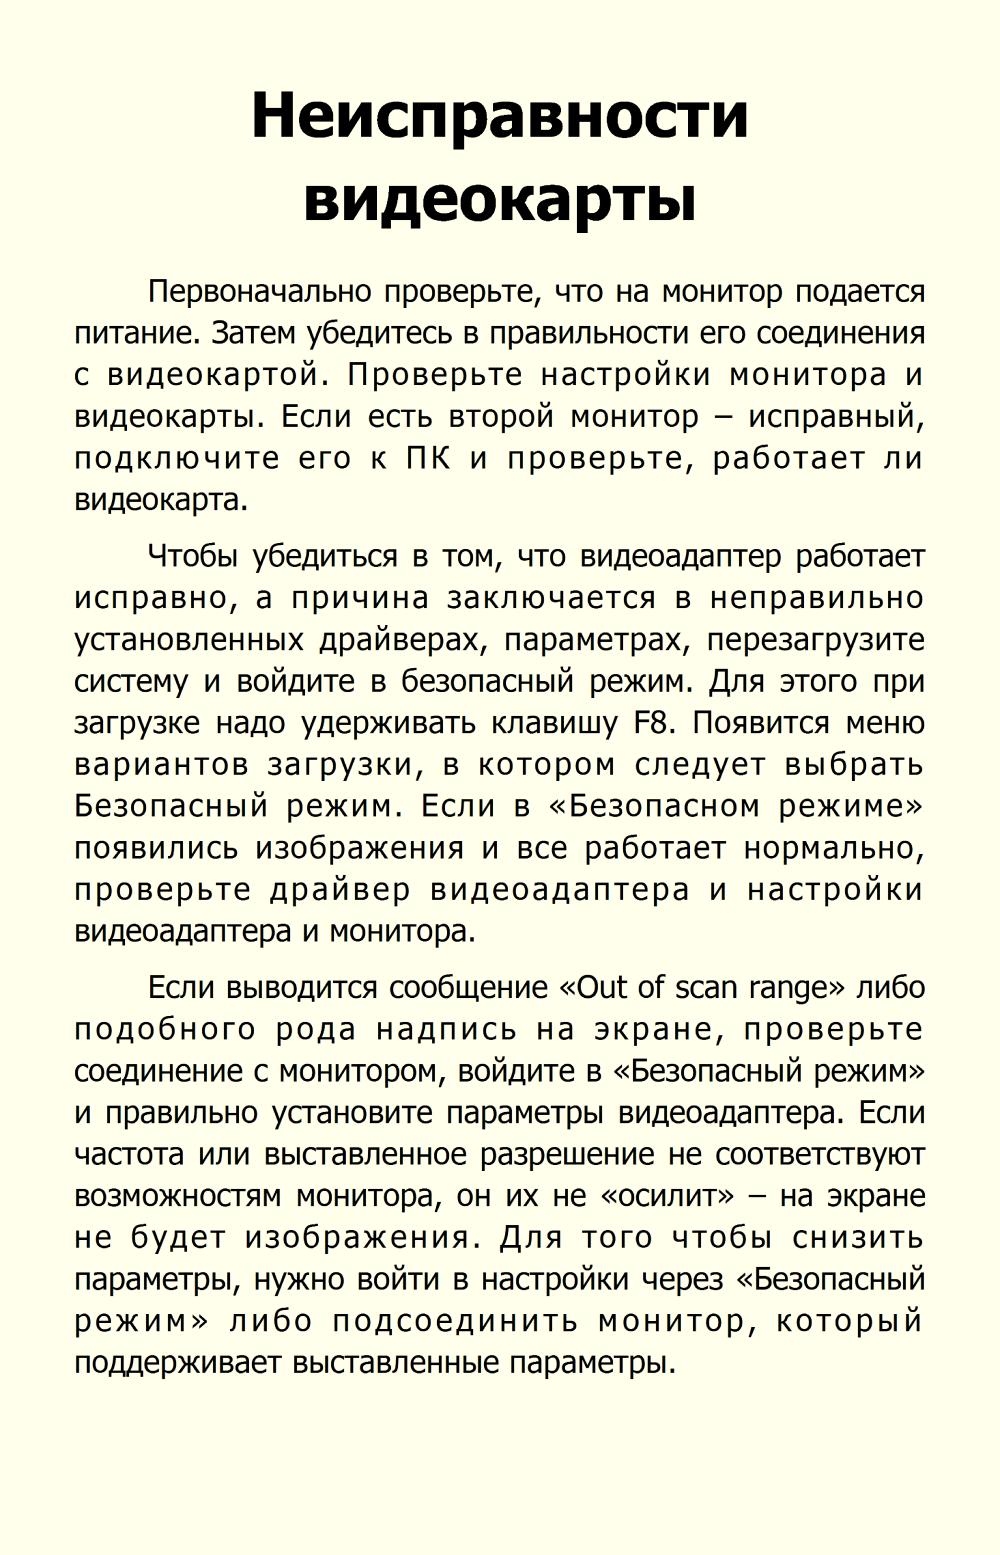 http://i5.imageban.ru/out/2013/10/22/7545ddb6bbebf67ef13c6a6a76aa5083.jpg